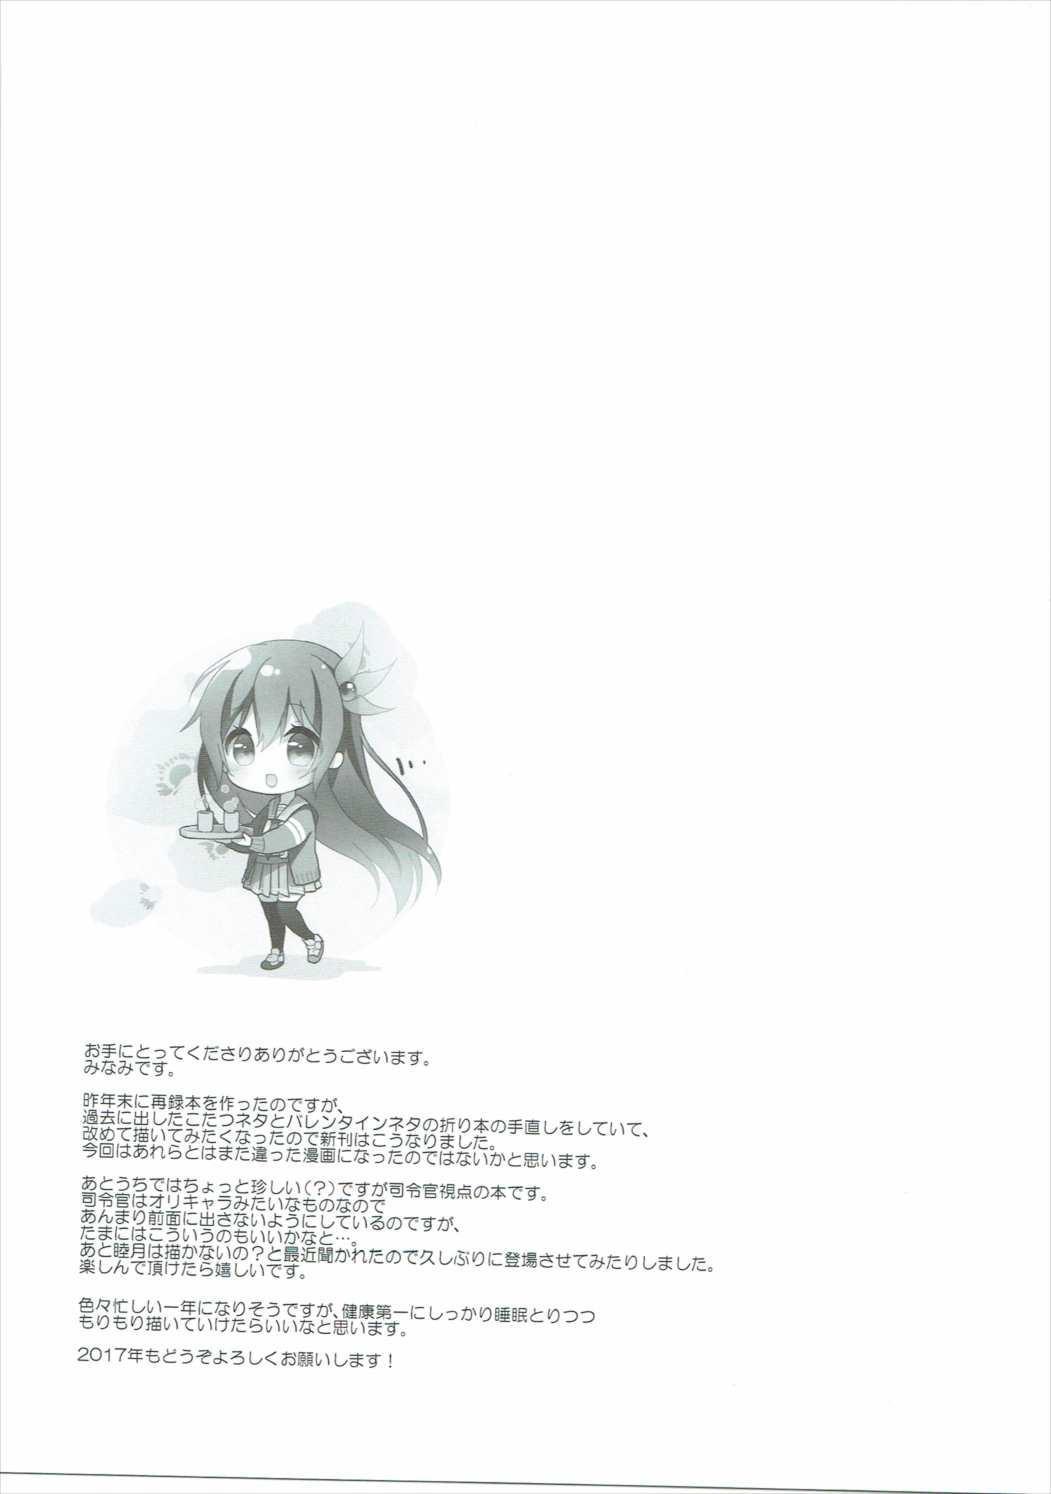 Kisaragi-chan to Kotatsu Ecchi 23